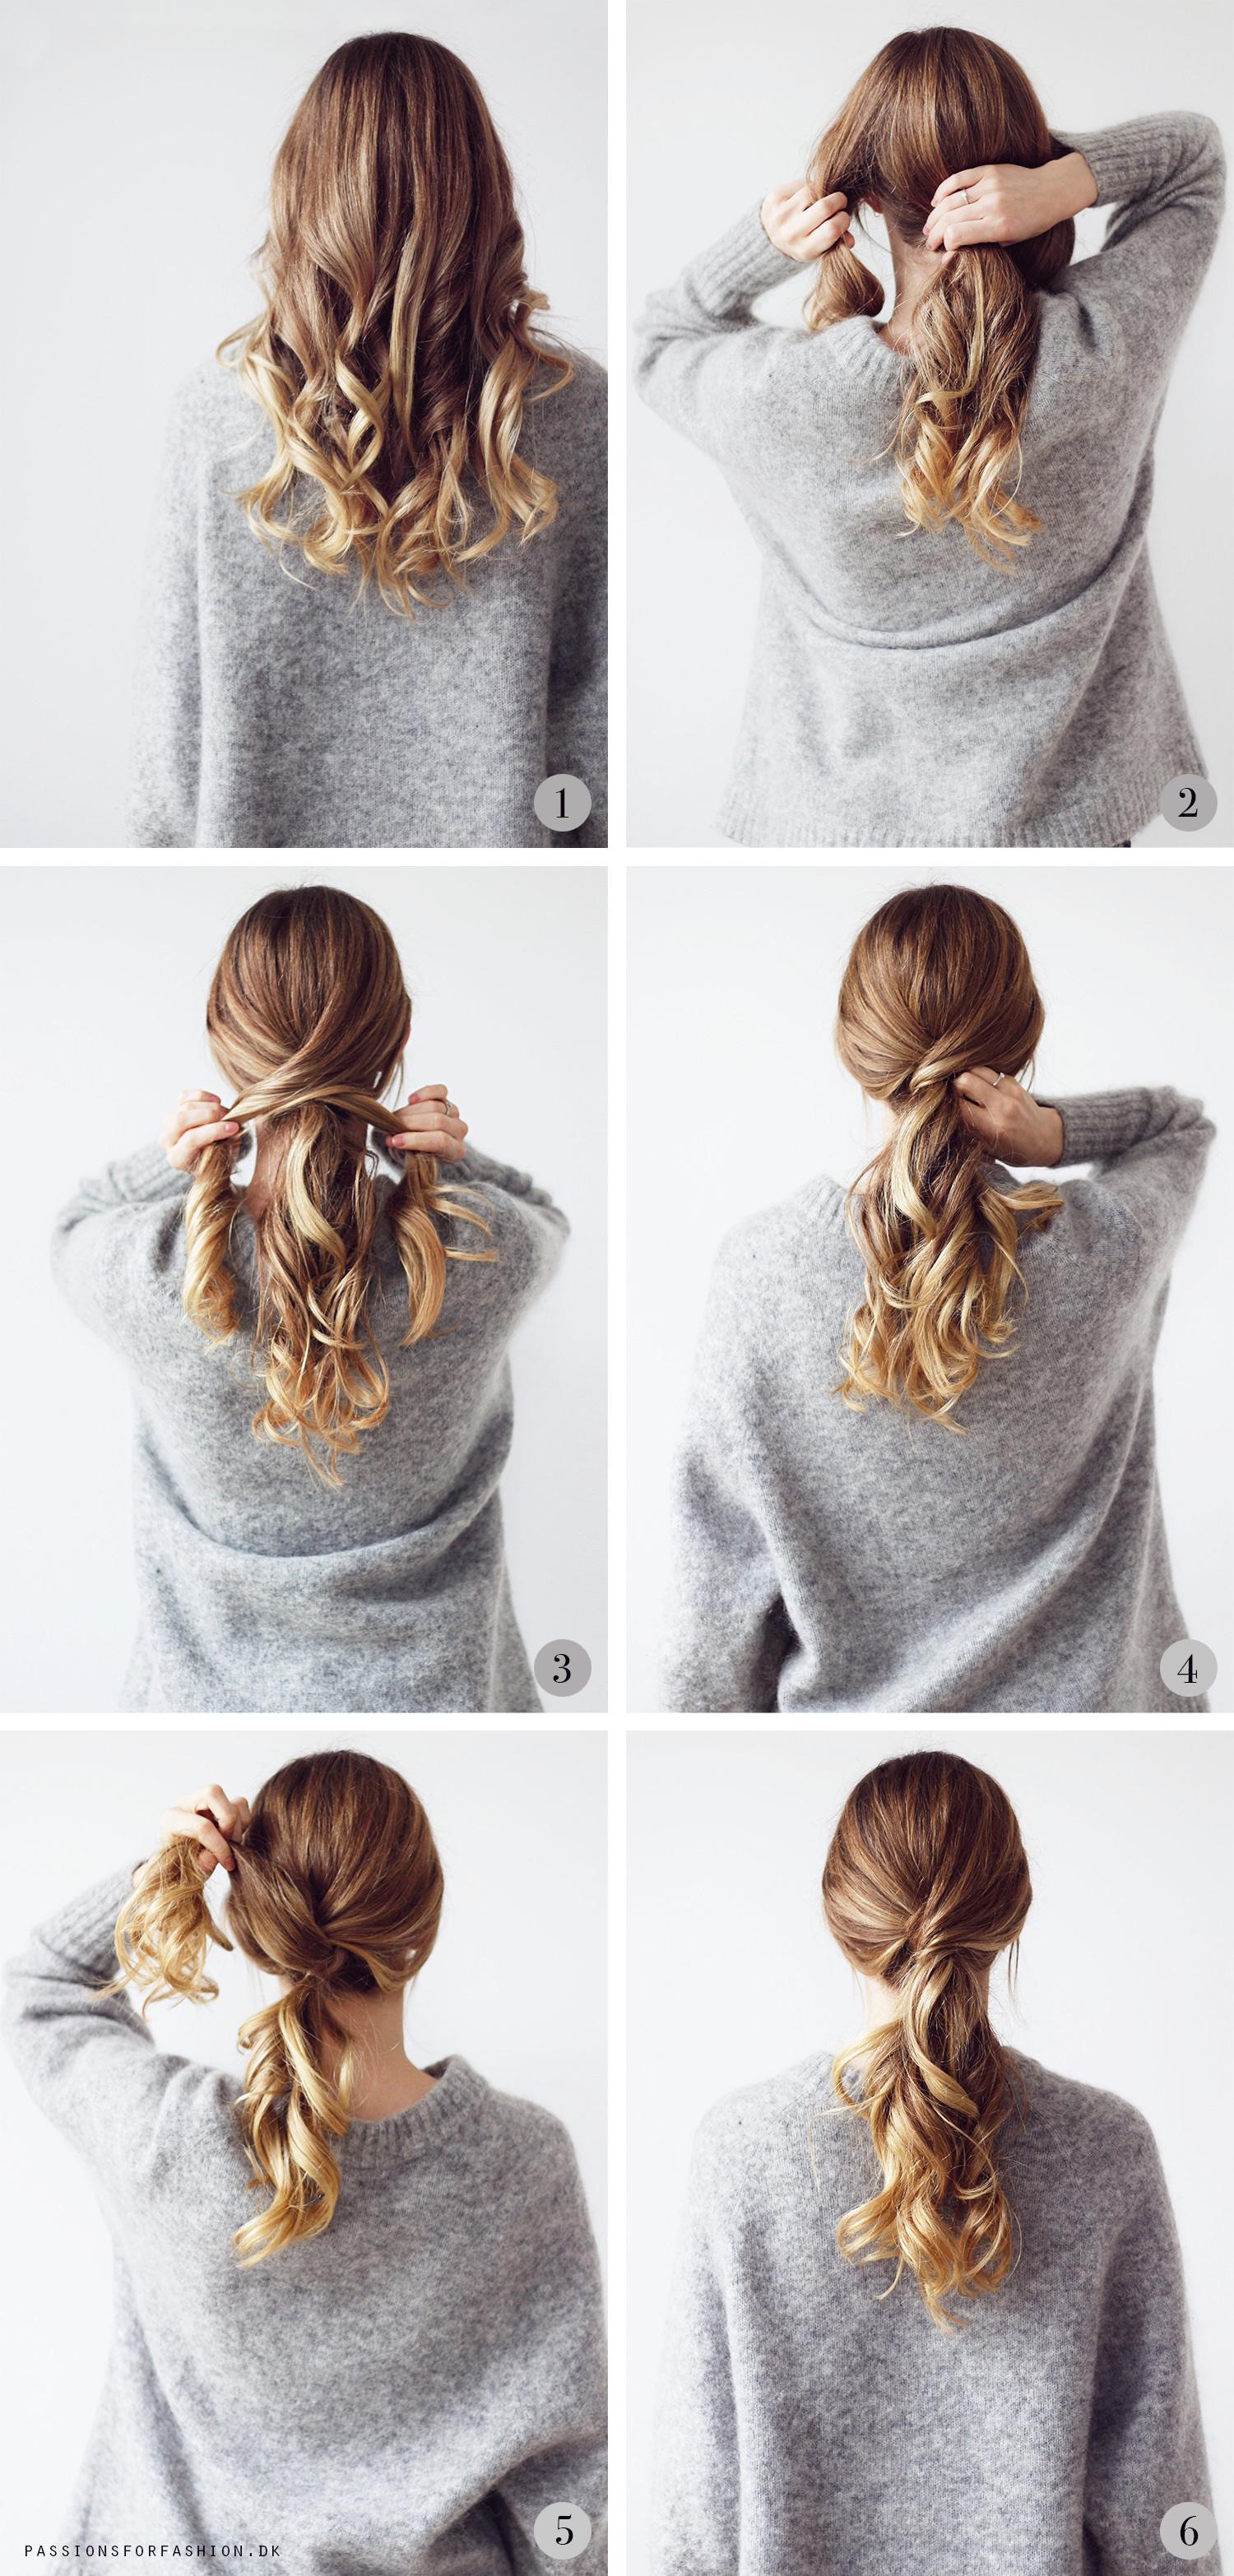 Fest frisure langt hår